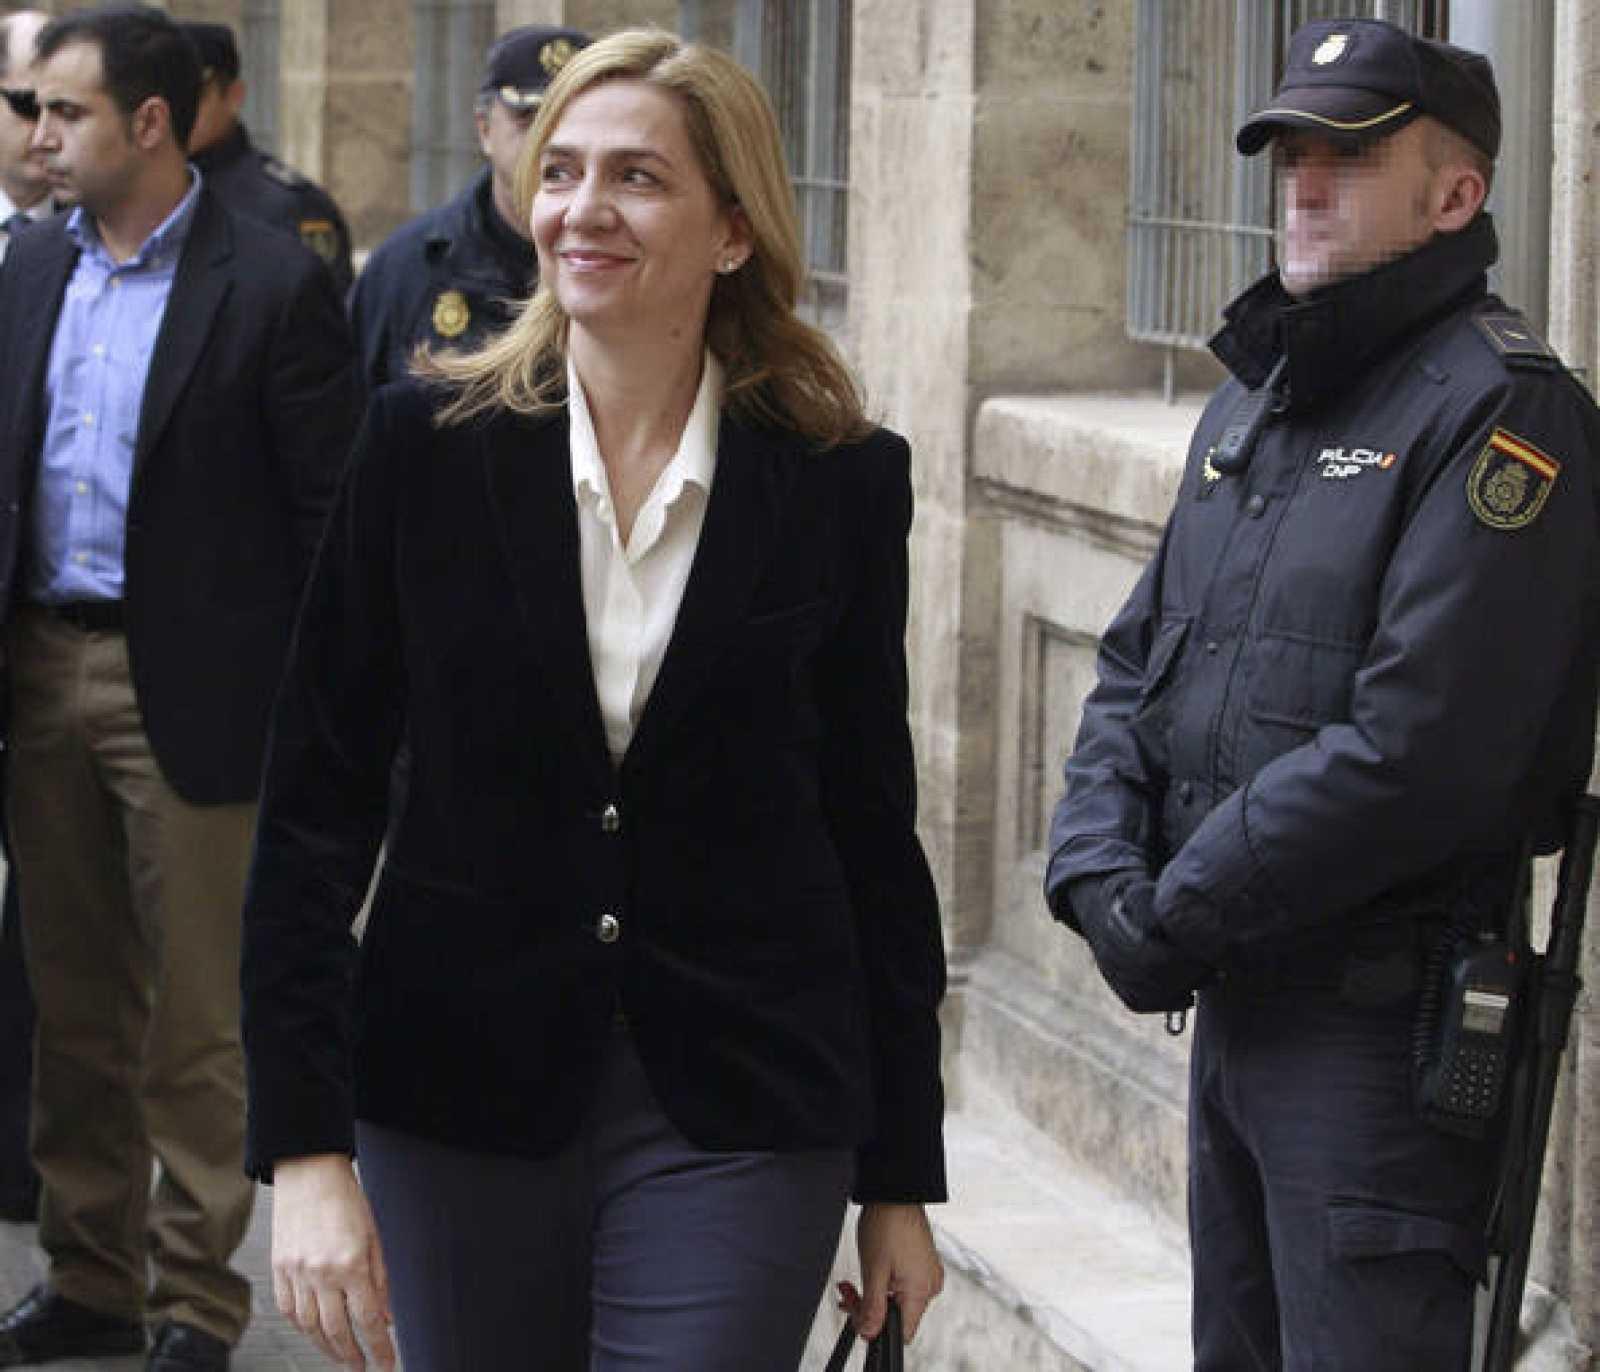 La infanta Cristina, a su llegada a los juzgados de Palma, donde ha sido citada para declarar como imputada en el caso Nóos a las 10:00 horas.